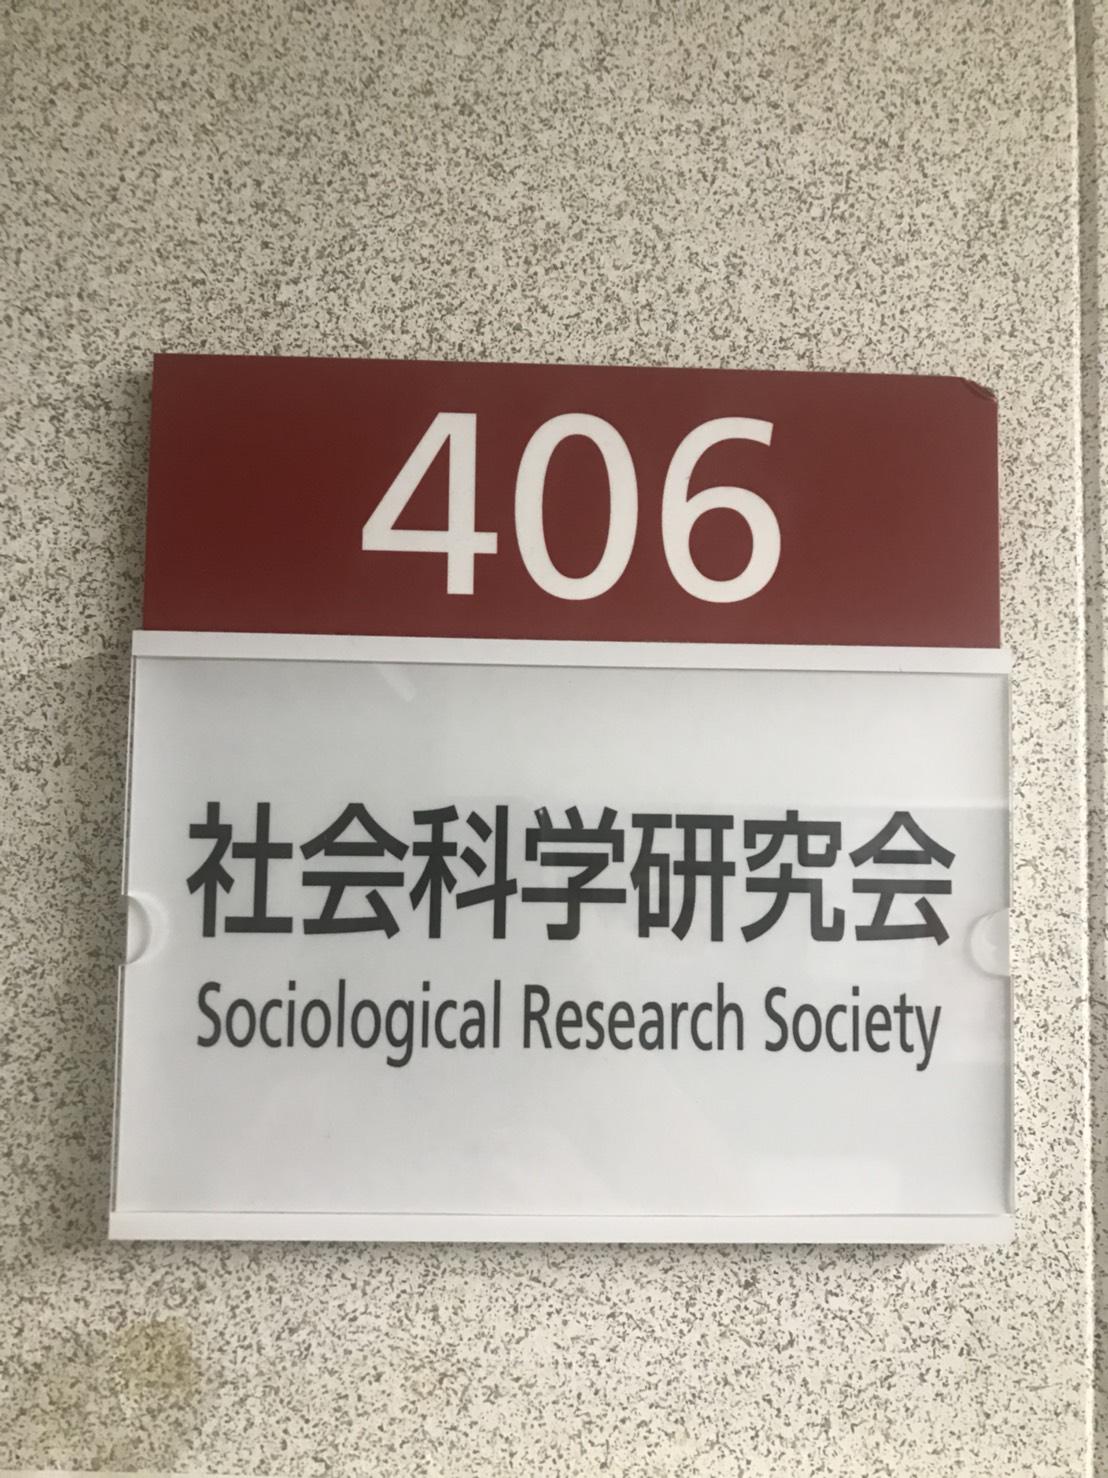 立命館大学 社会科学研究会